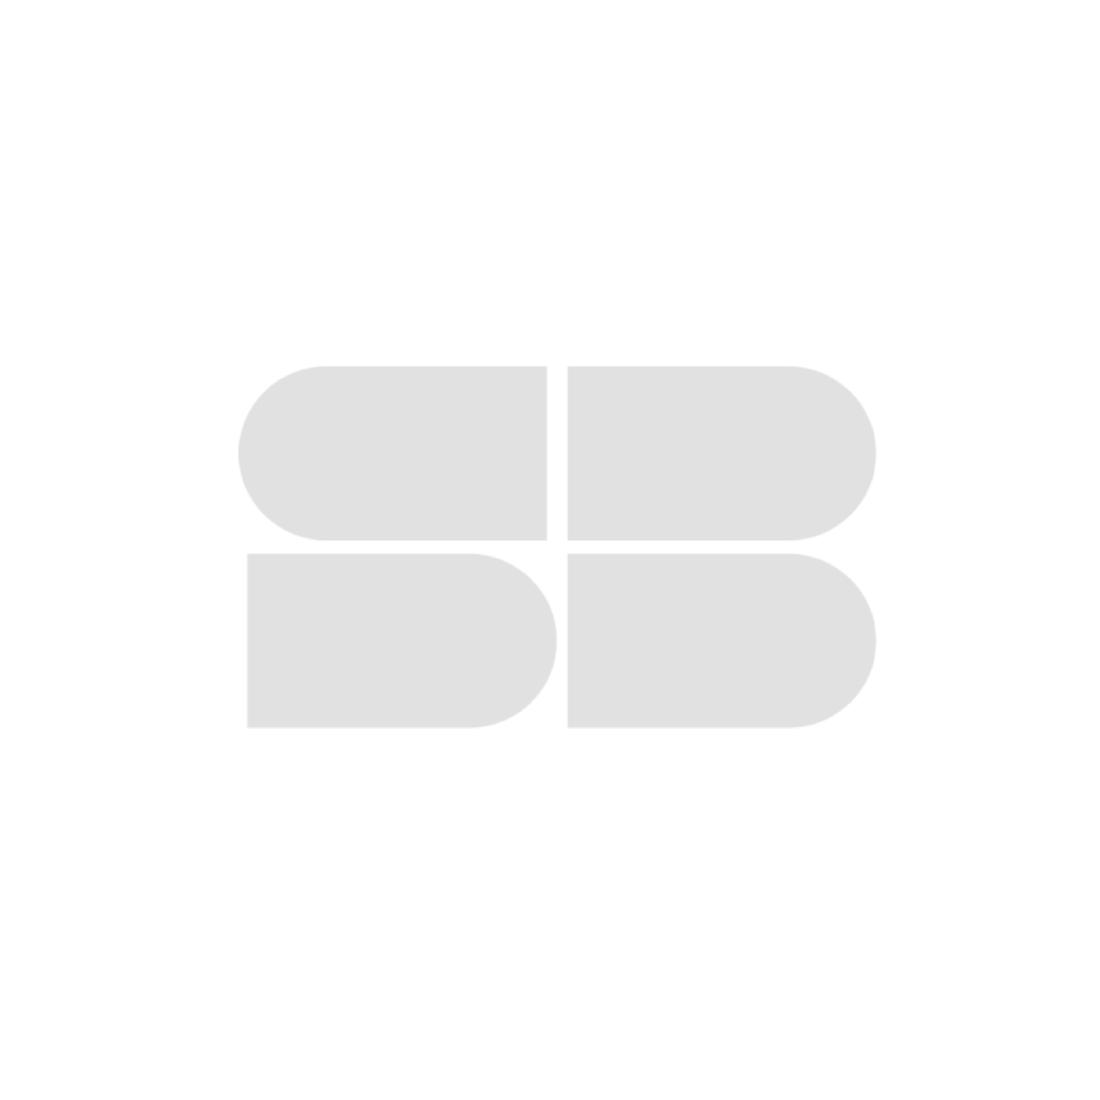 39013171-mattress-bedding-mattresses-spring-mattresses-31